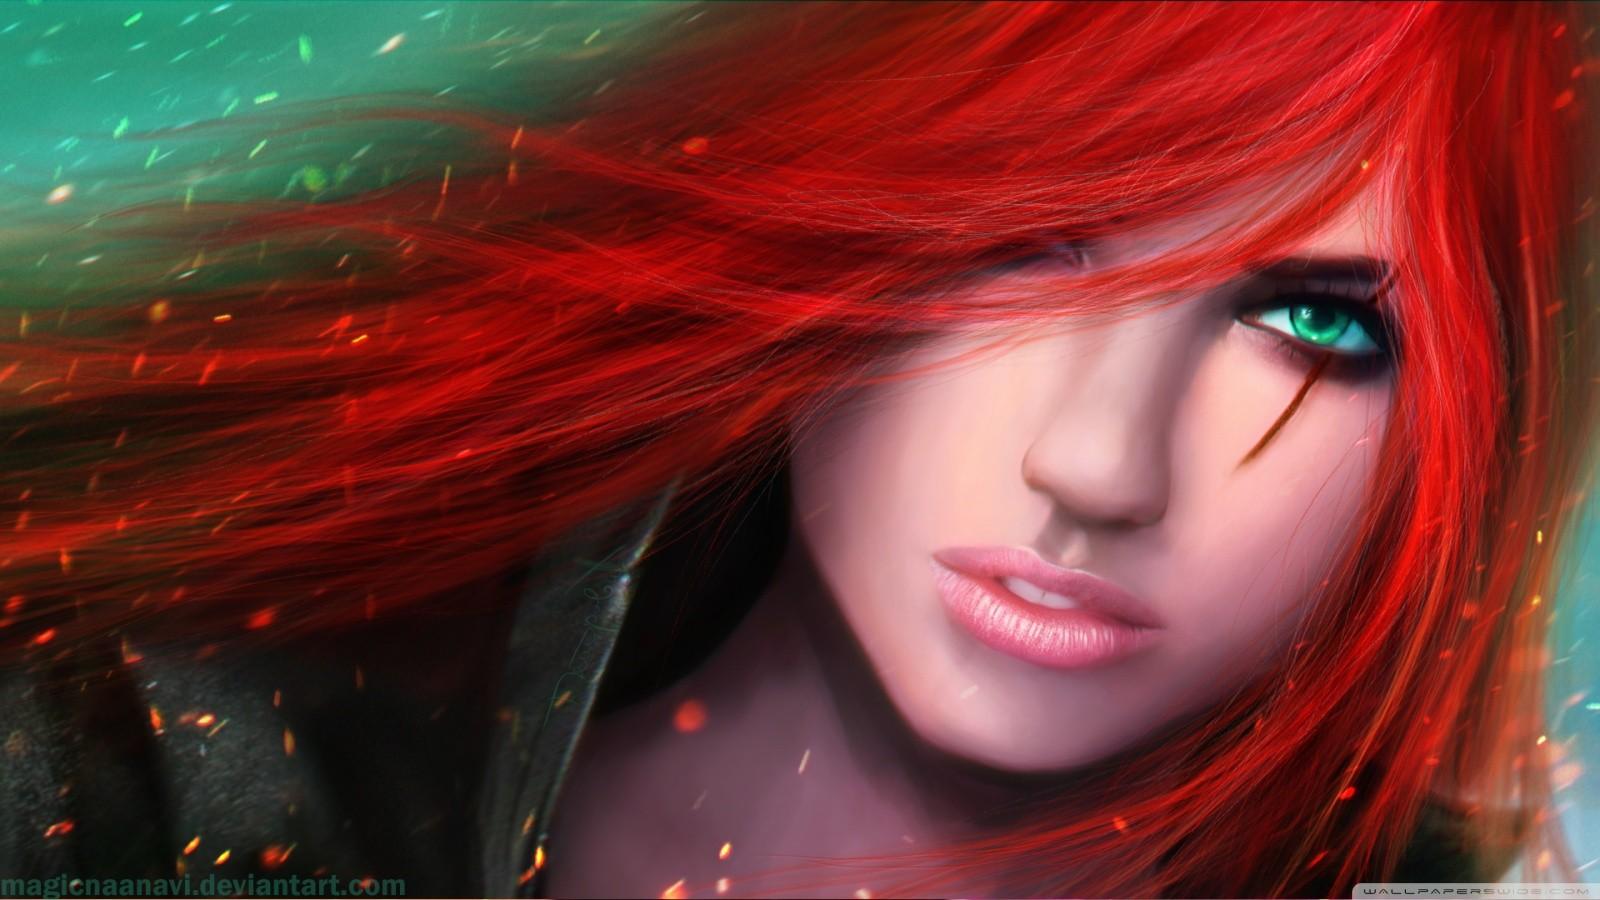 Masaüstü Video Oyunları Kızıl Saçlı Model Anime Kırmızı